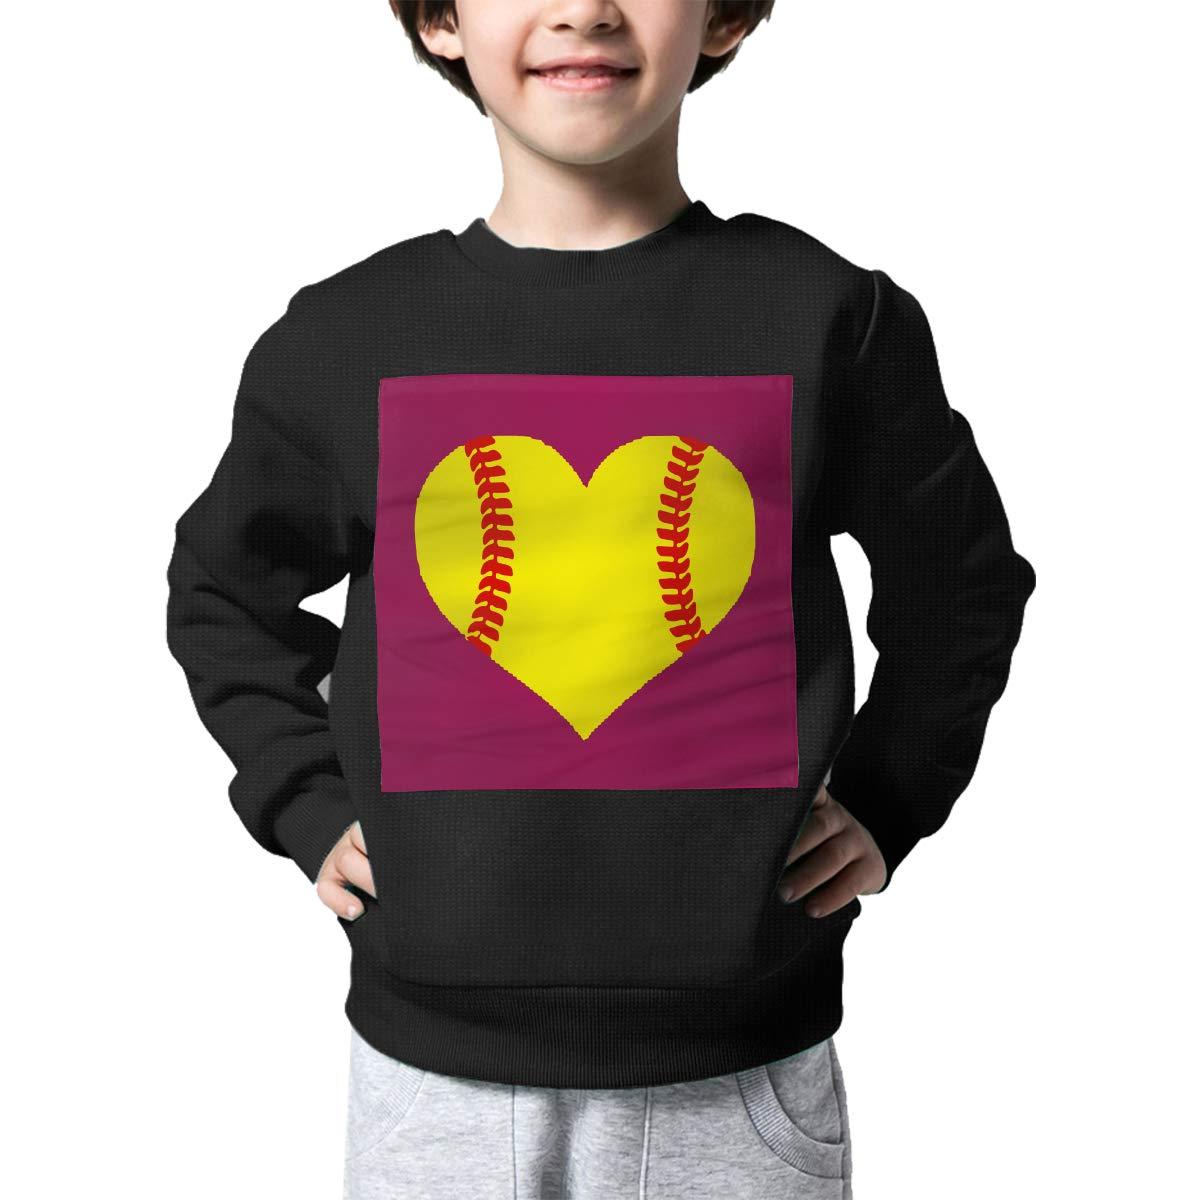 AW-KOCP Childrens Softball Heart Sweater Baby Girls Printed Sweater